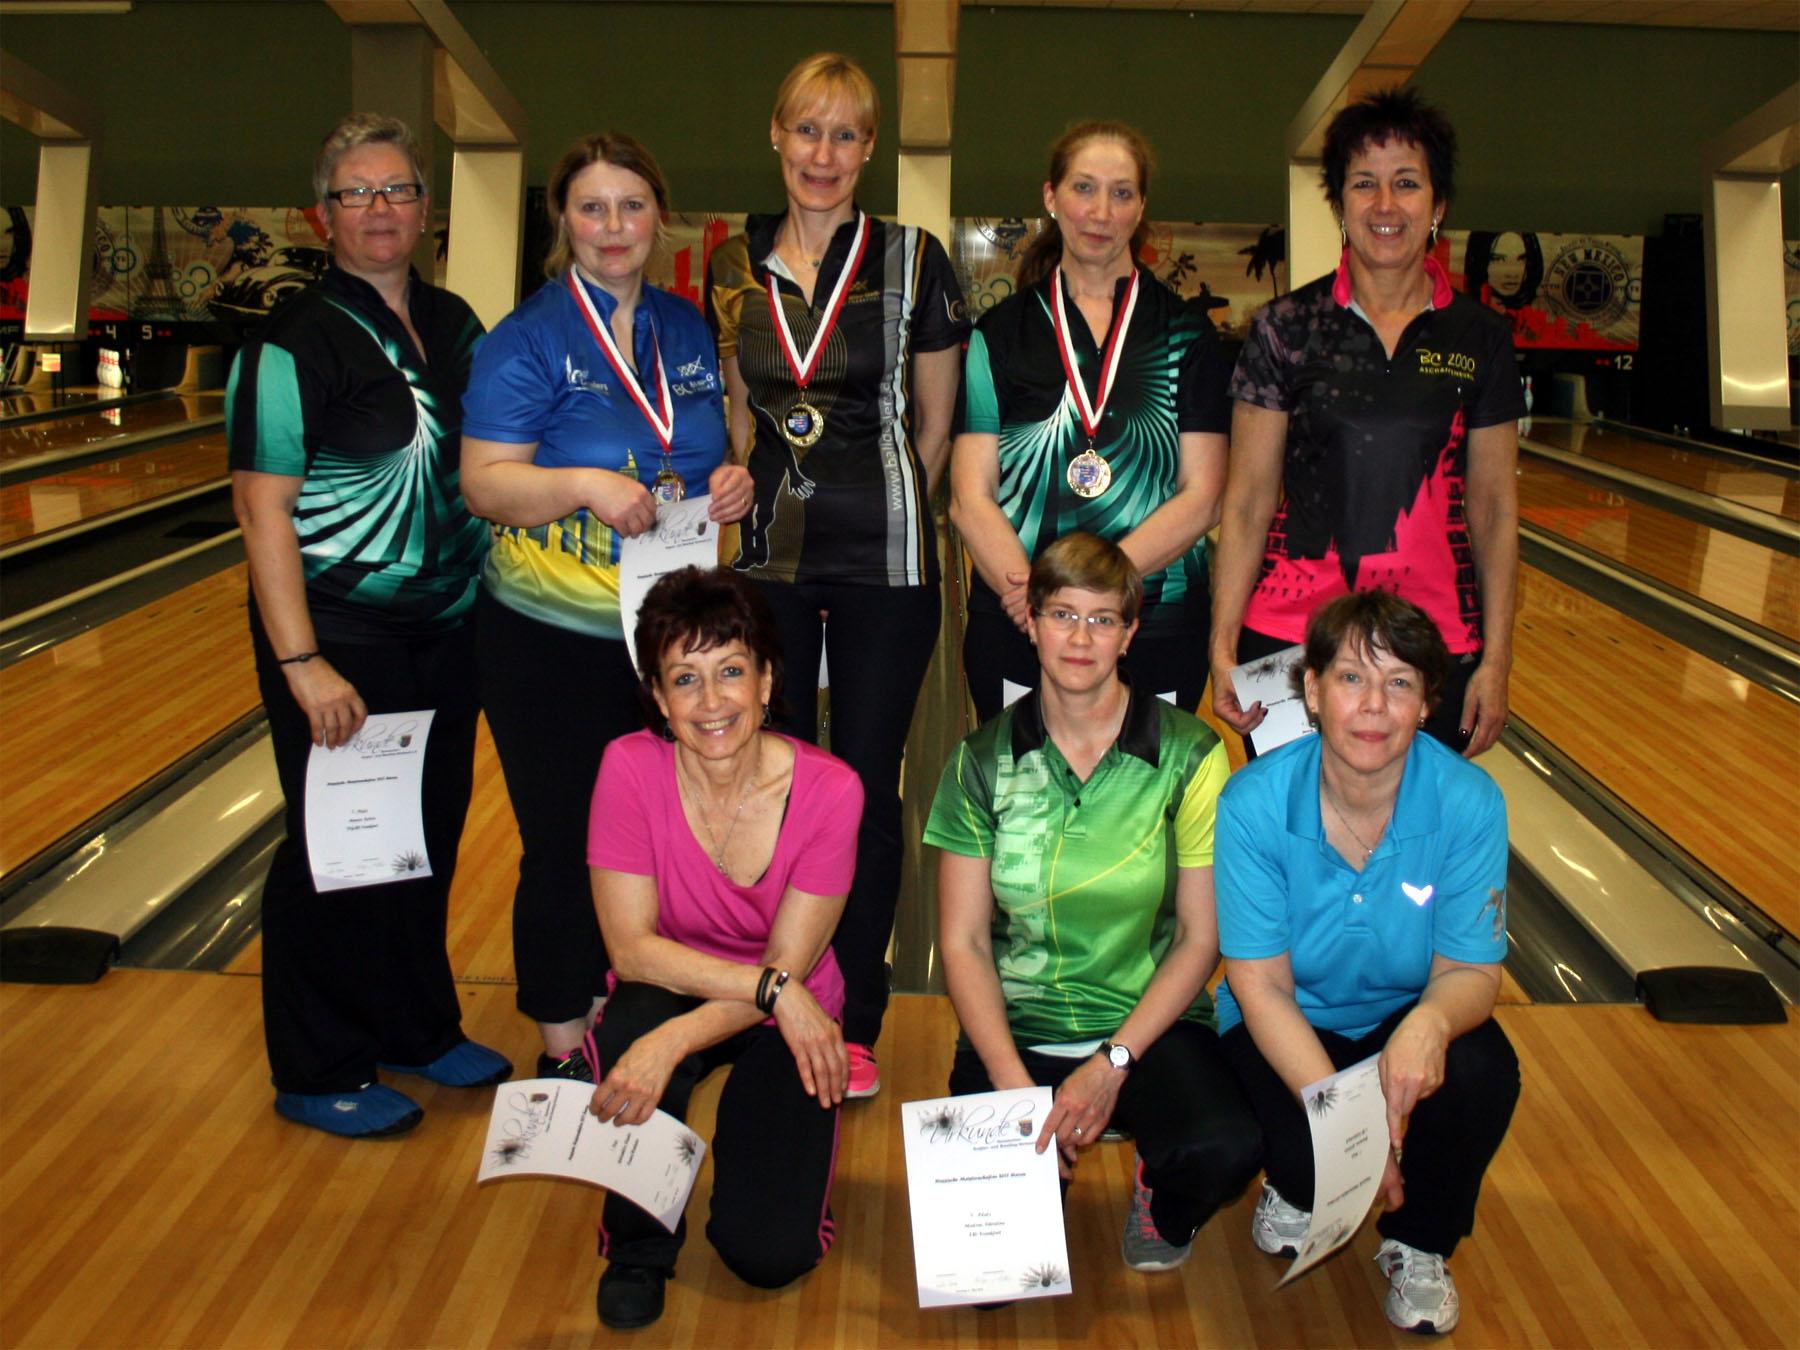 HM Damen Einzel - Finalistinnen